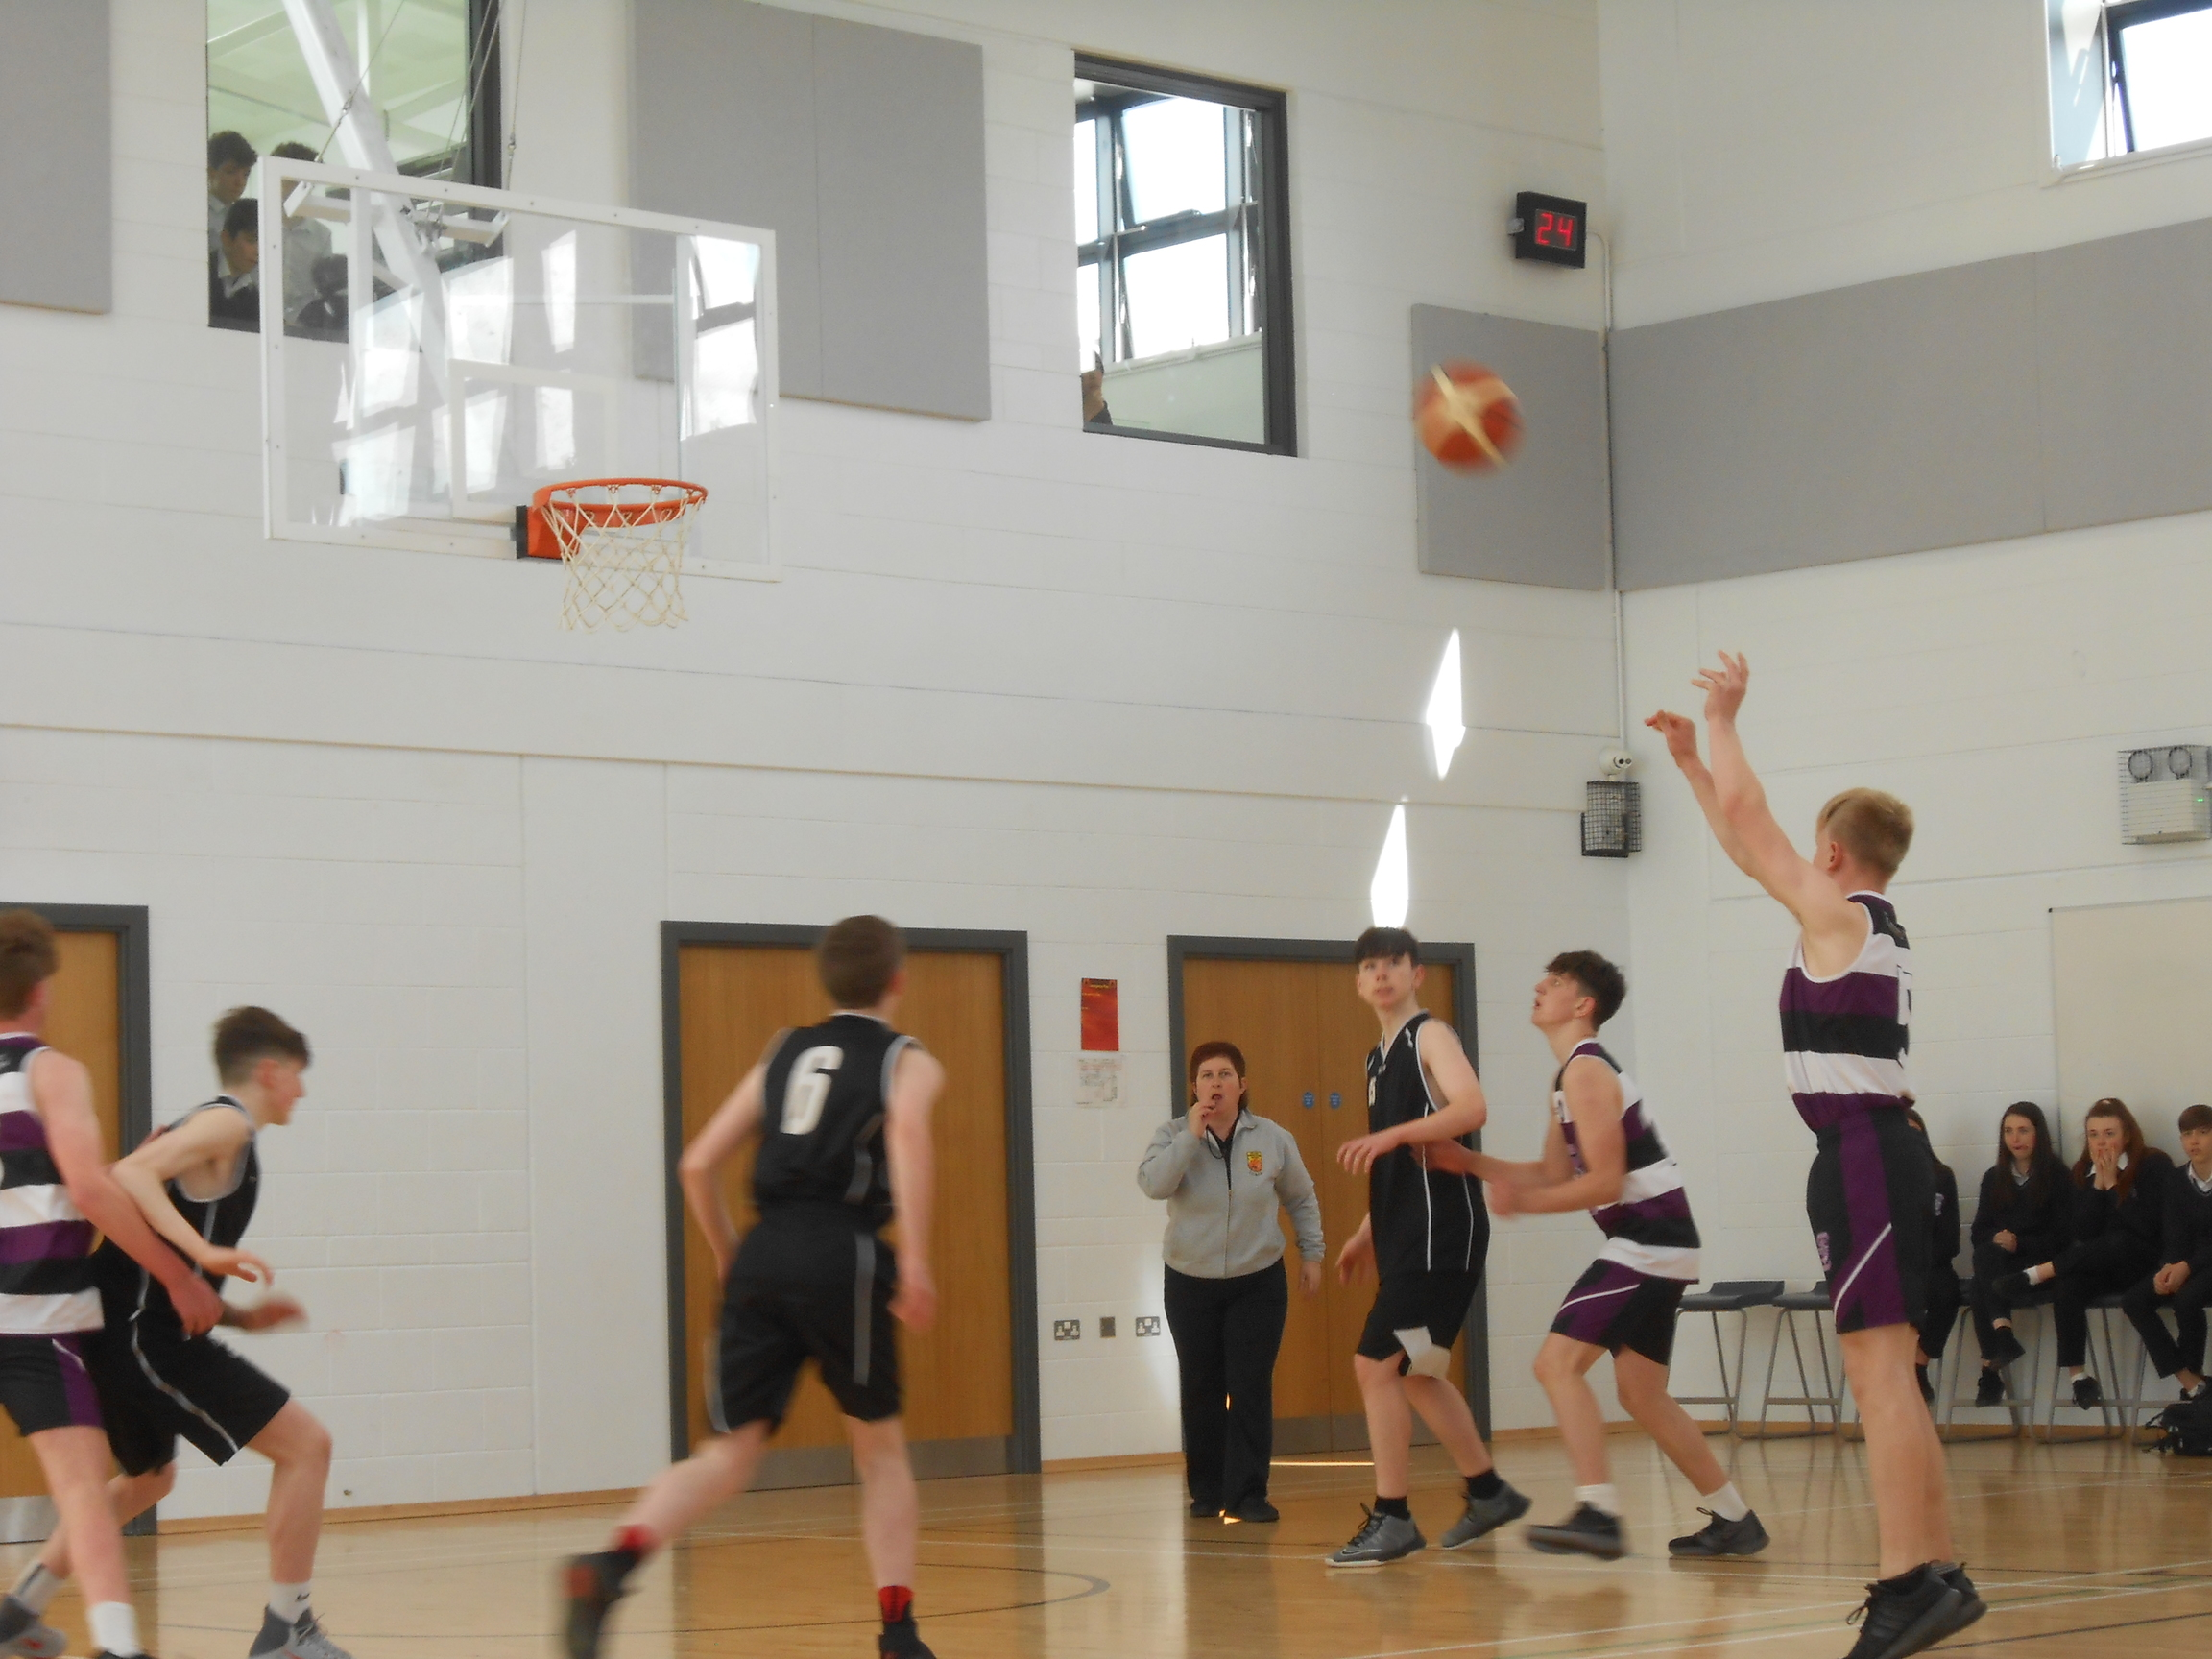 Basketball_Fionn_smaller.jpg